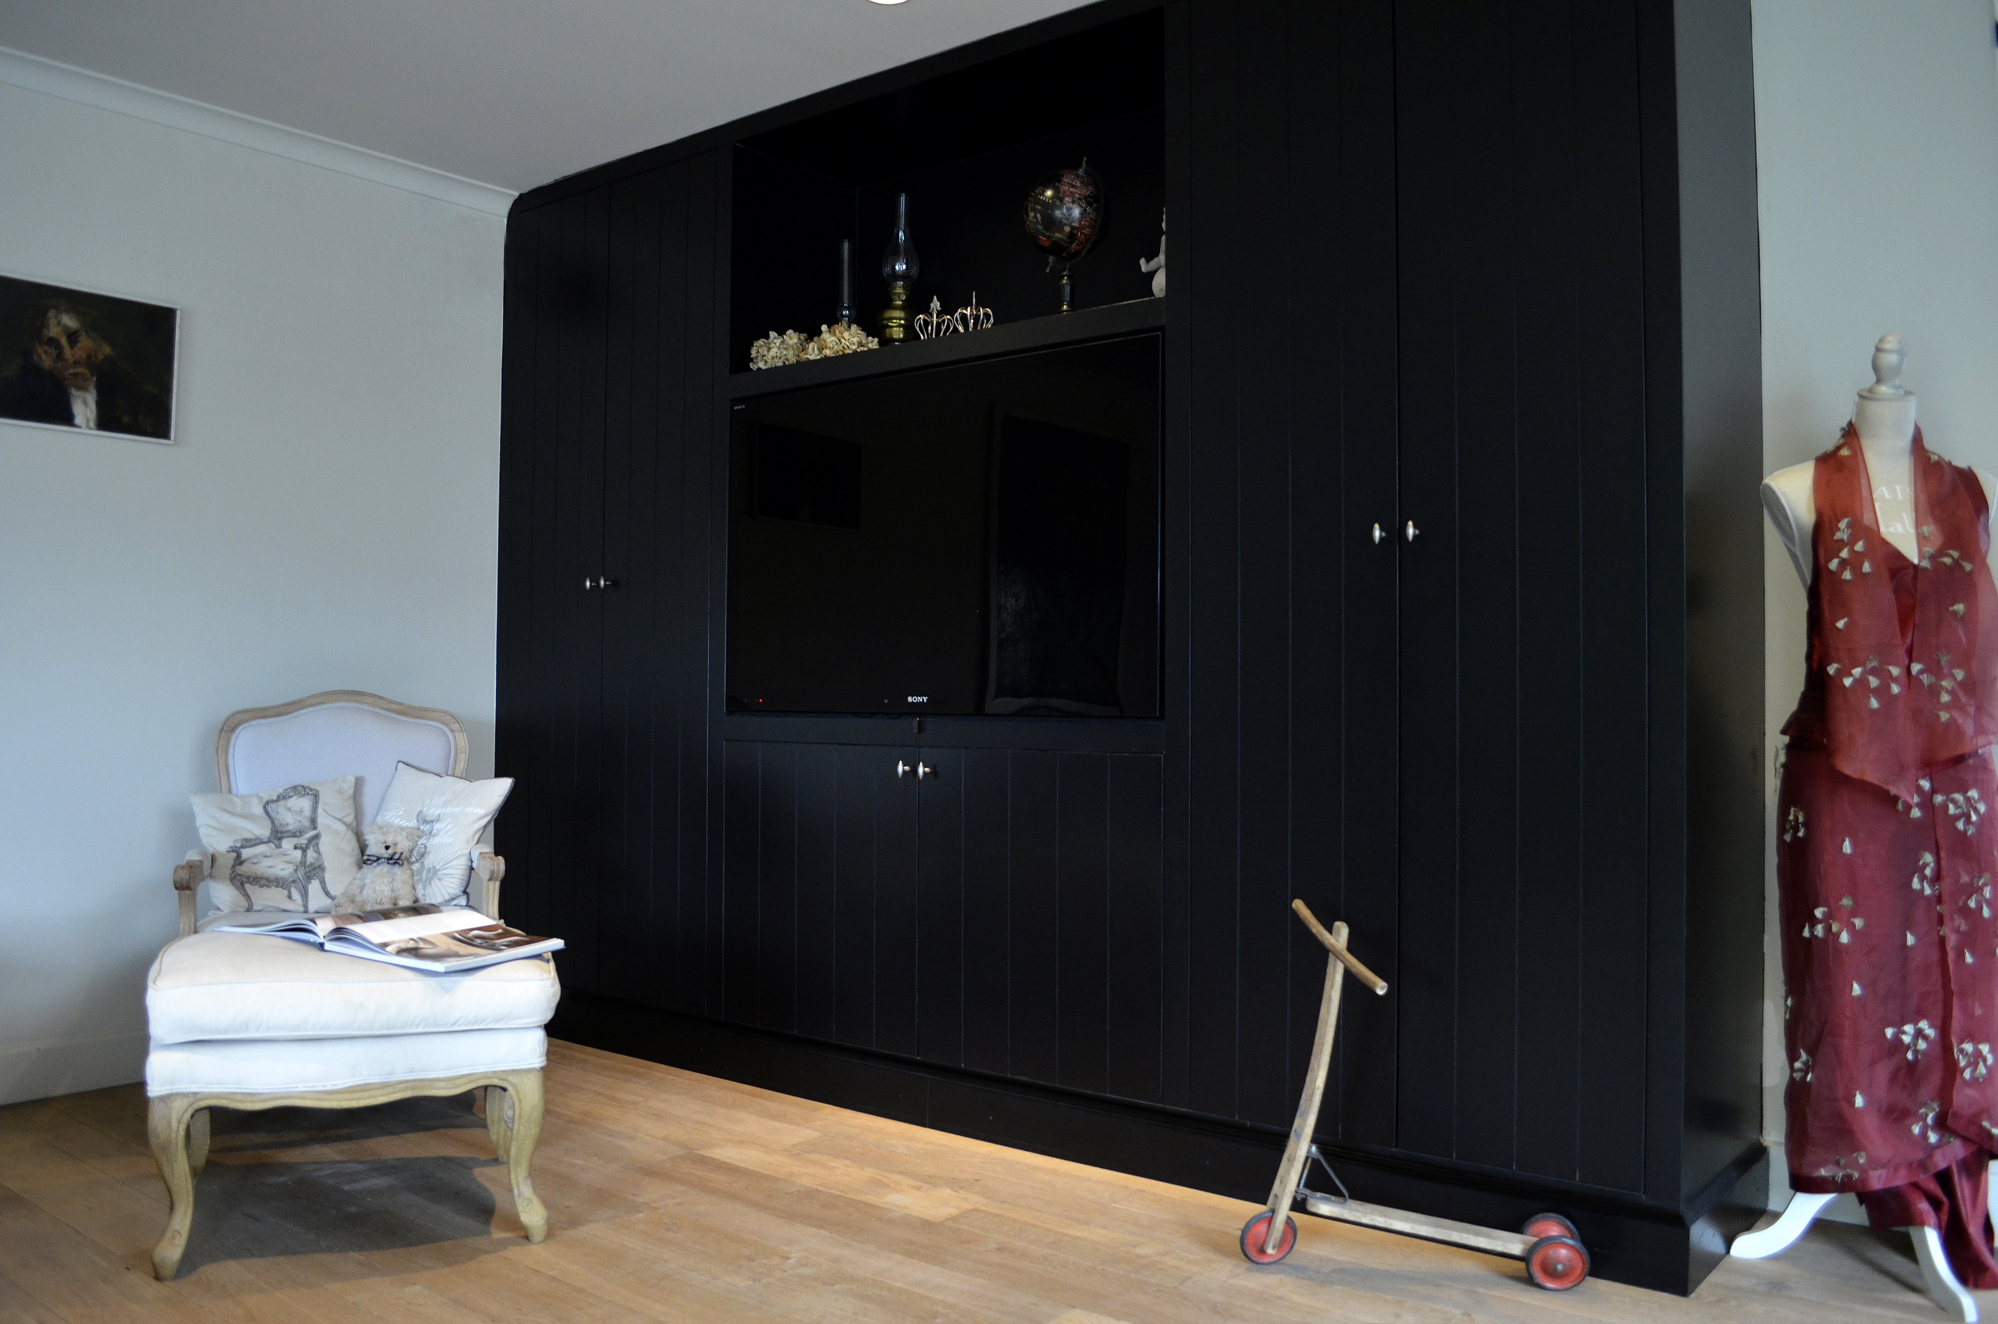 Woonkamer Wandkast : Wandkast woonkamer - Maatwerk - Realisaties